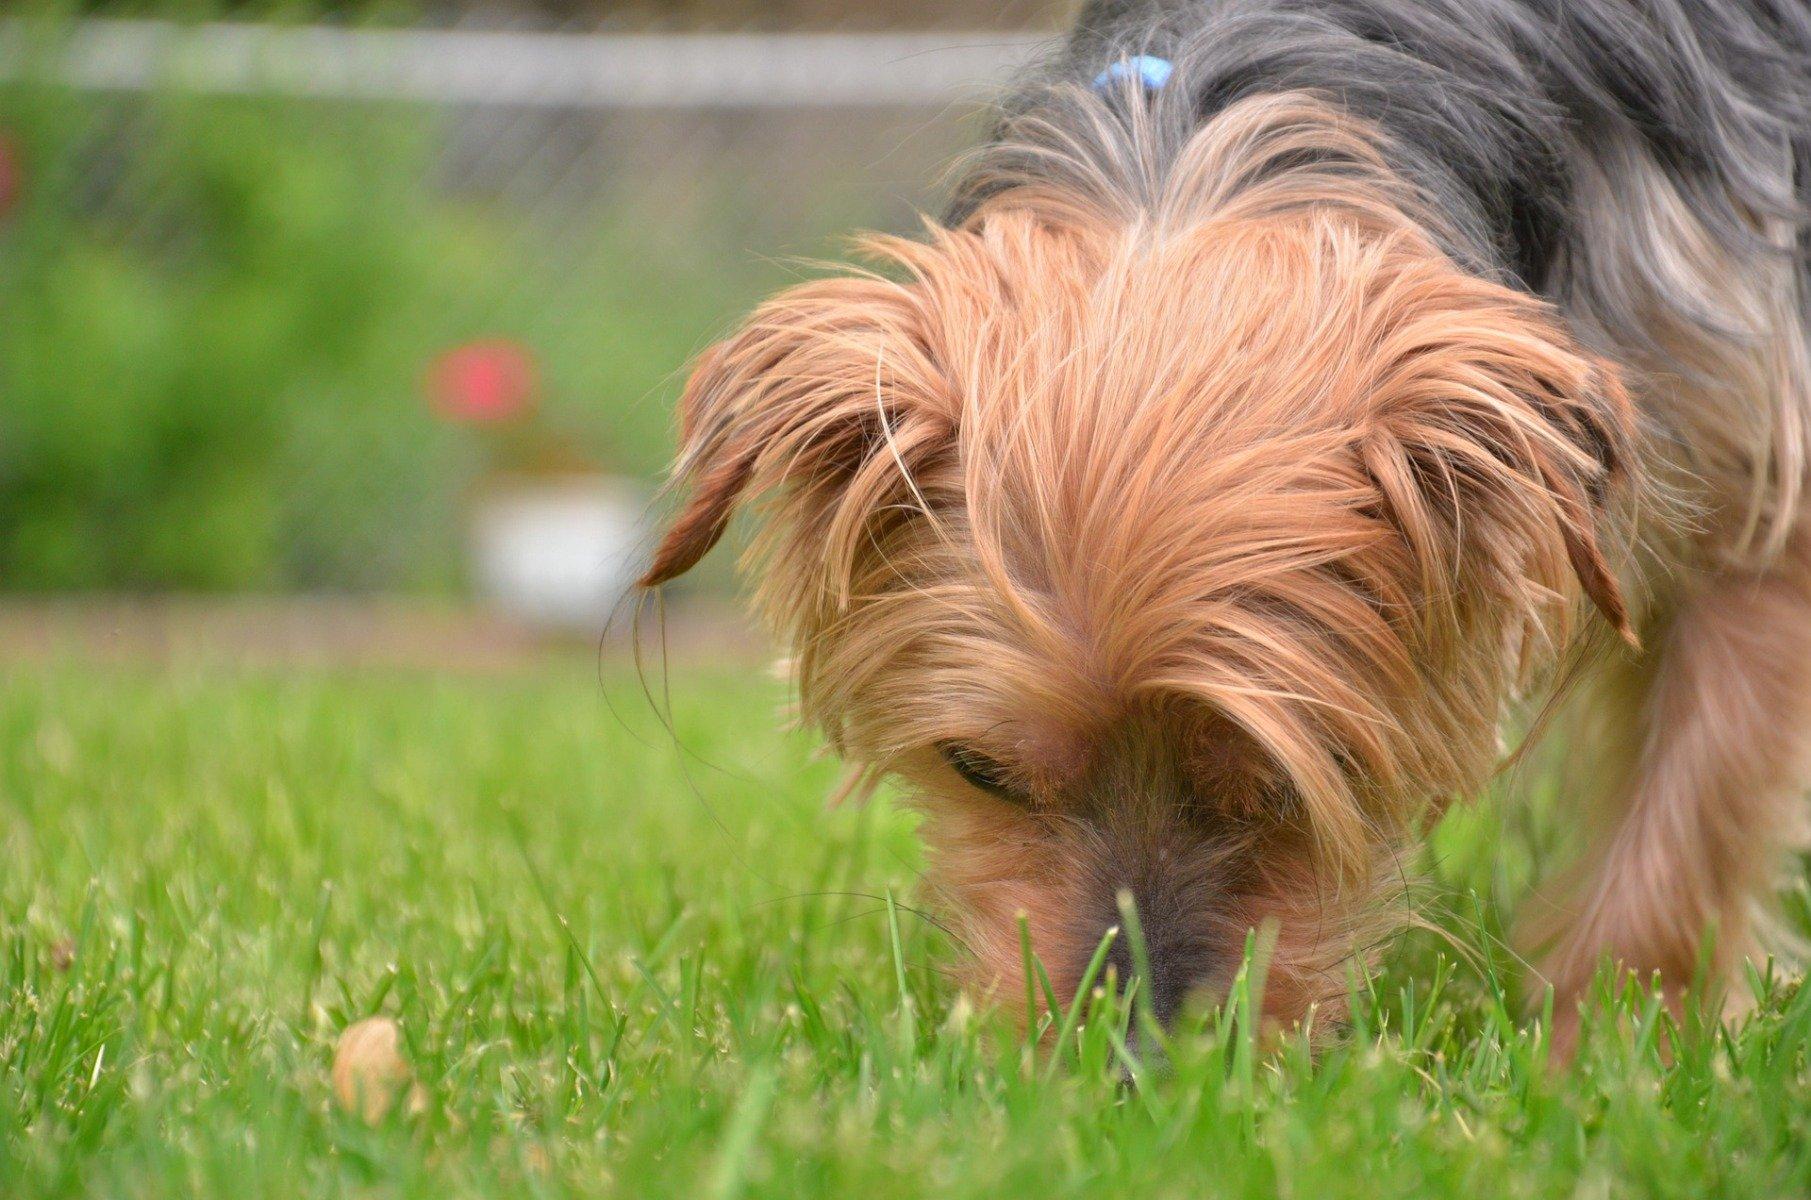 Hund frisst Gras und erbricht